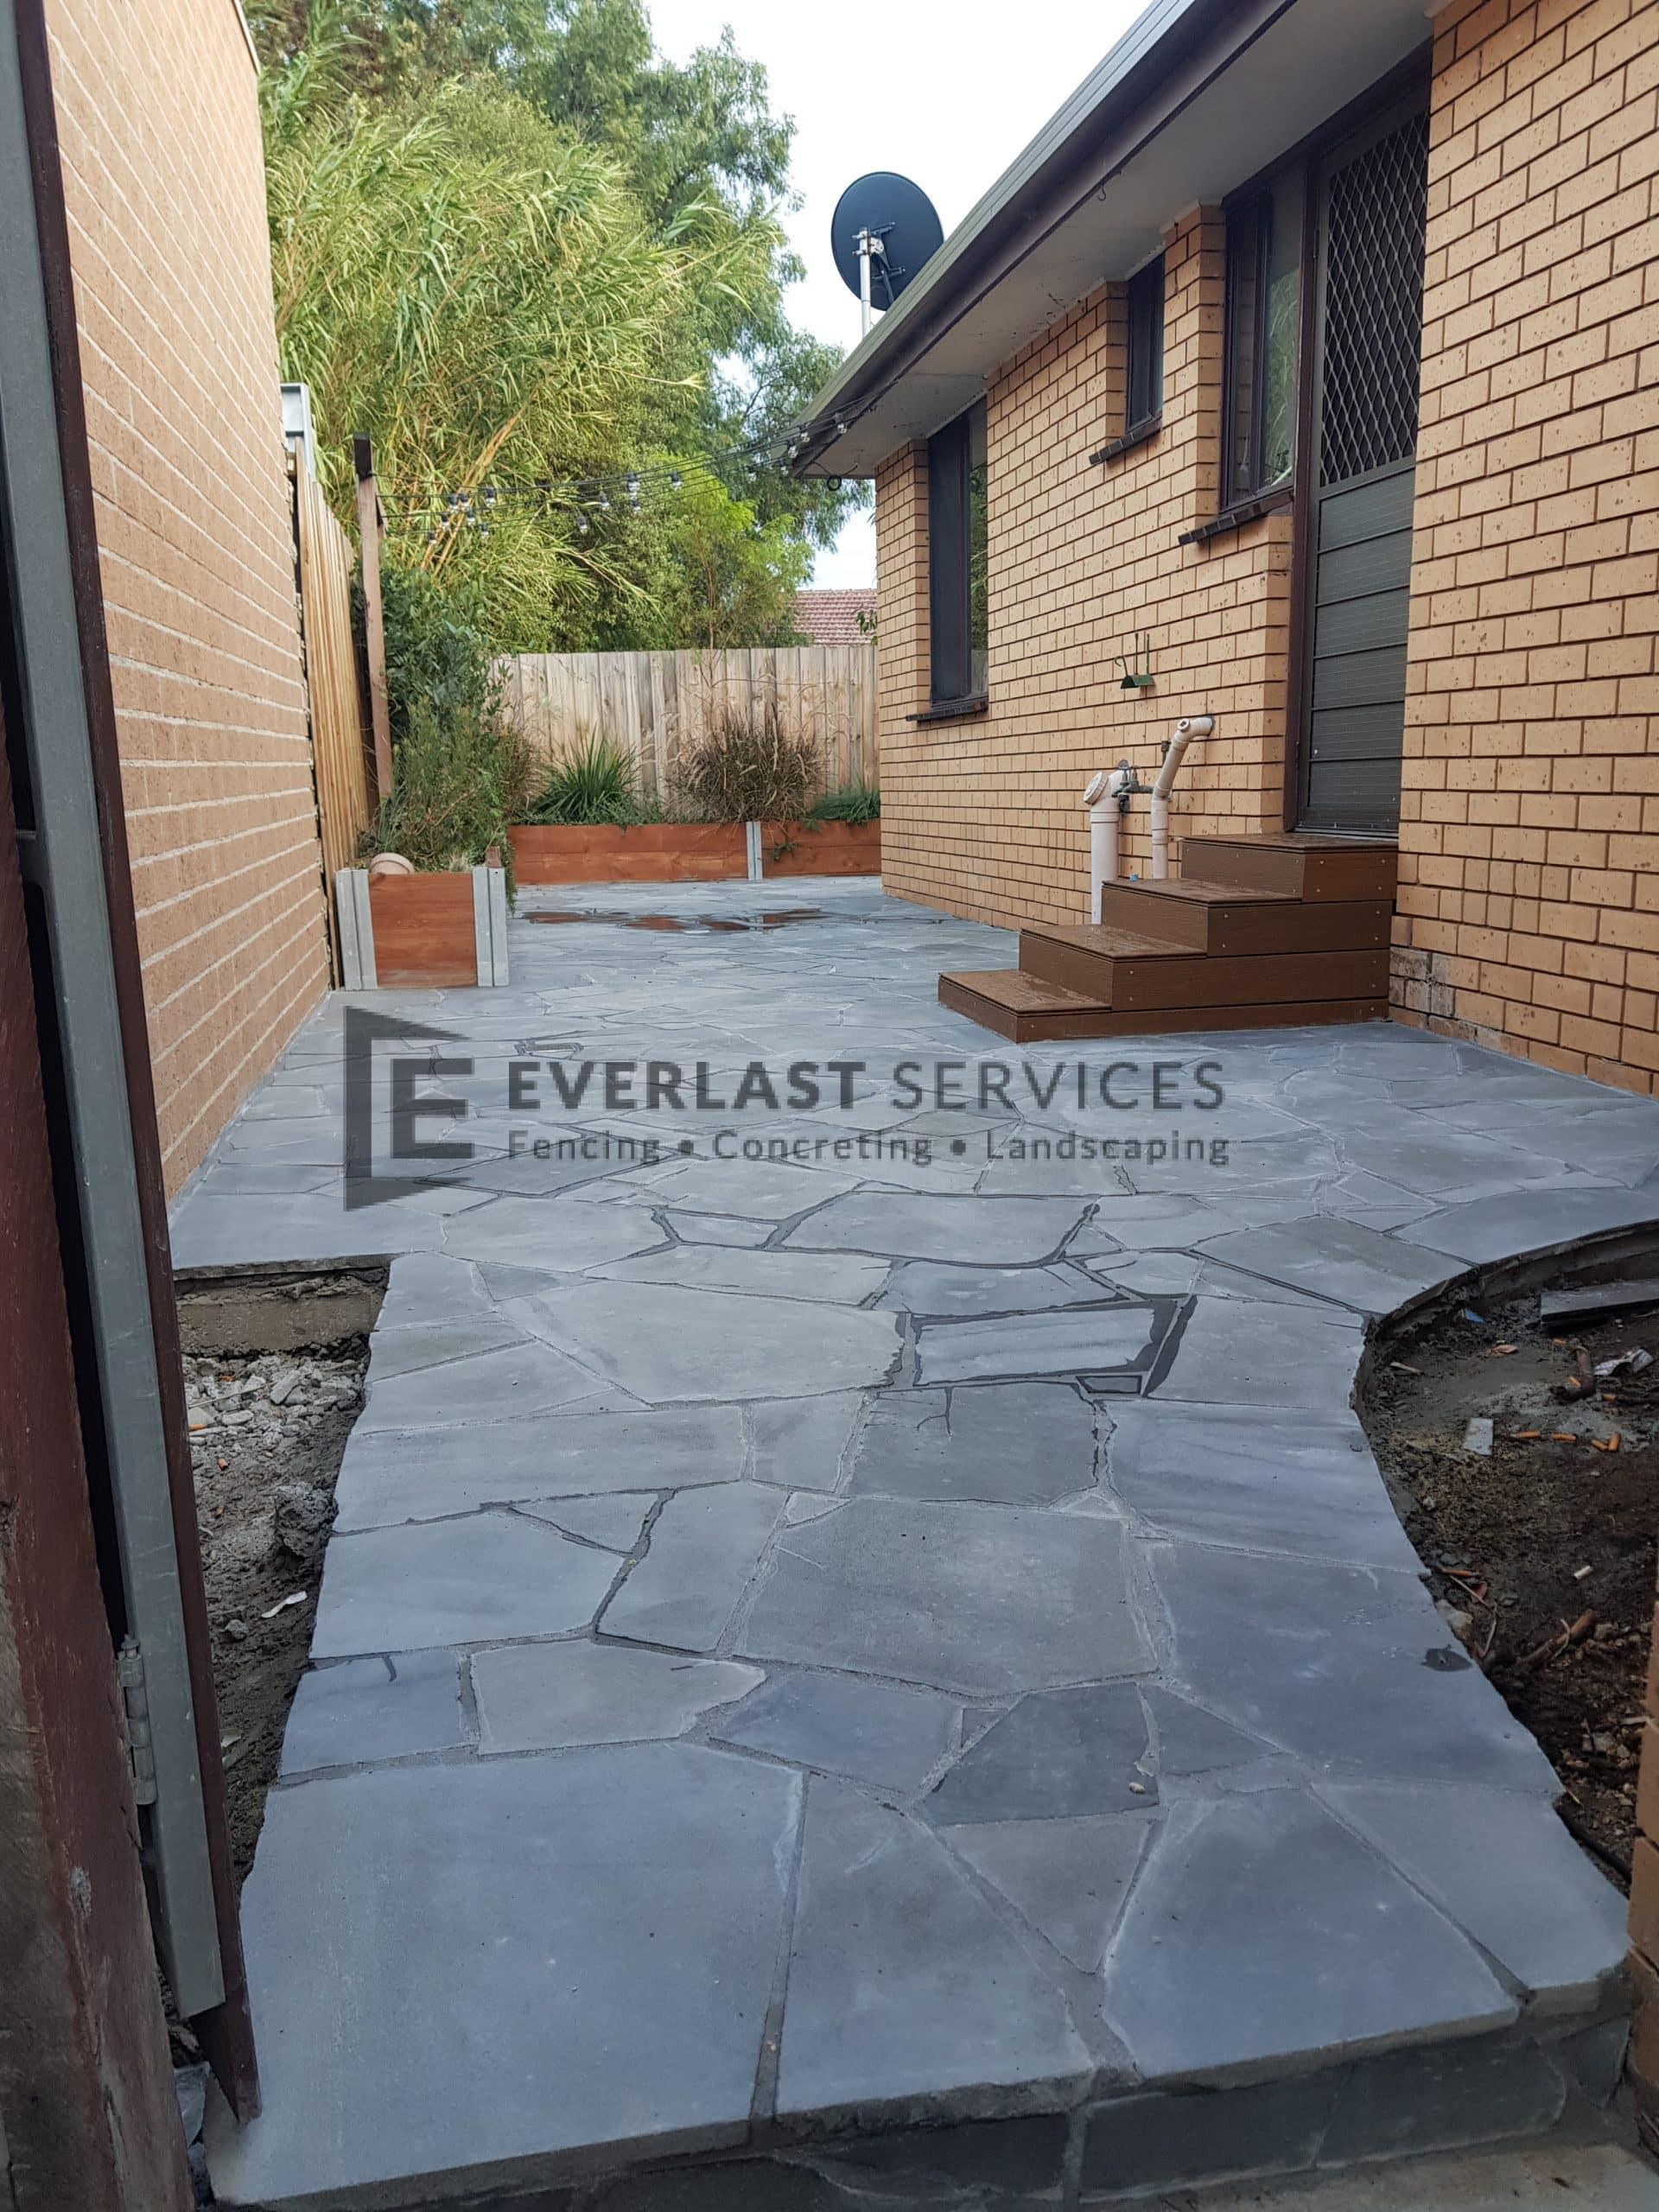 L278 - Everlast Landscaping stenciled concrete back door